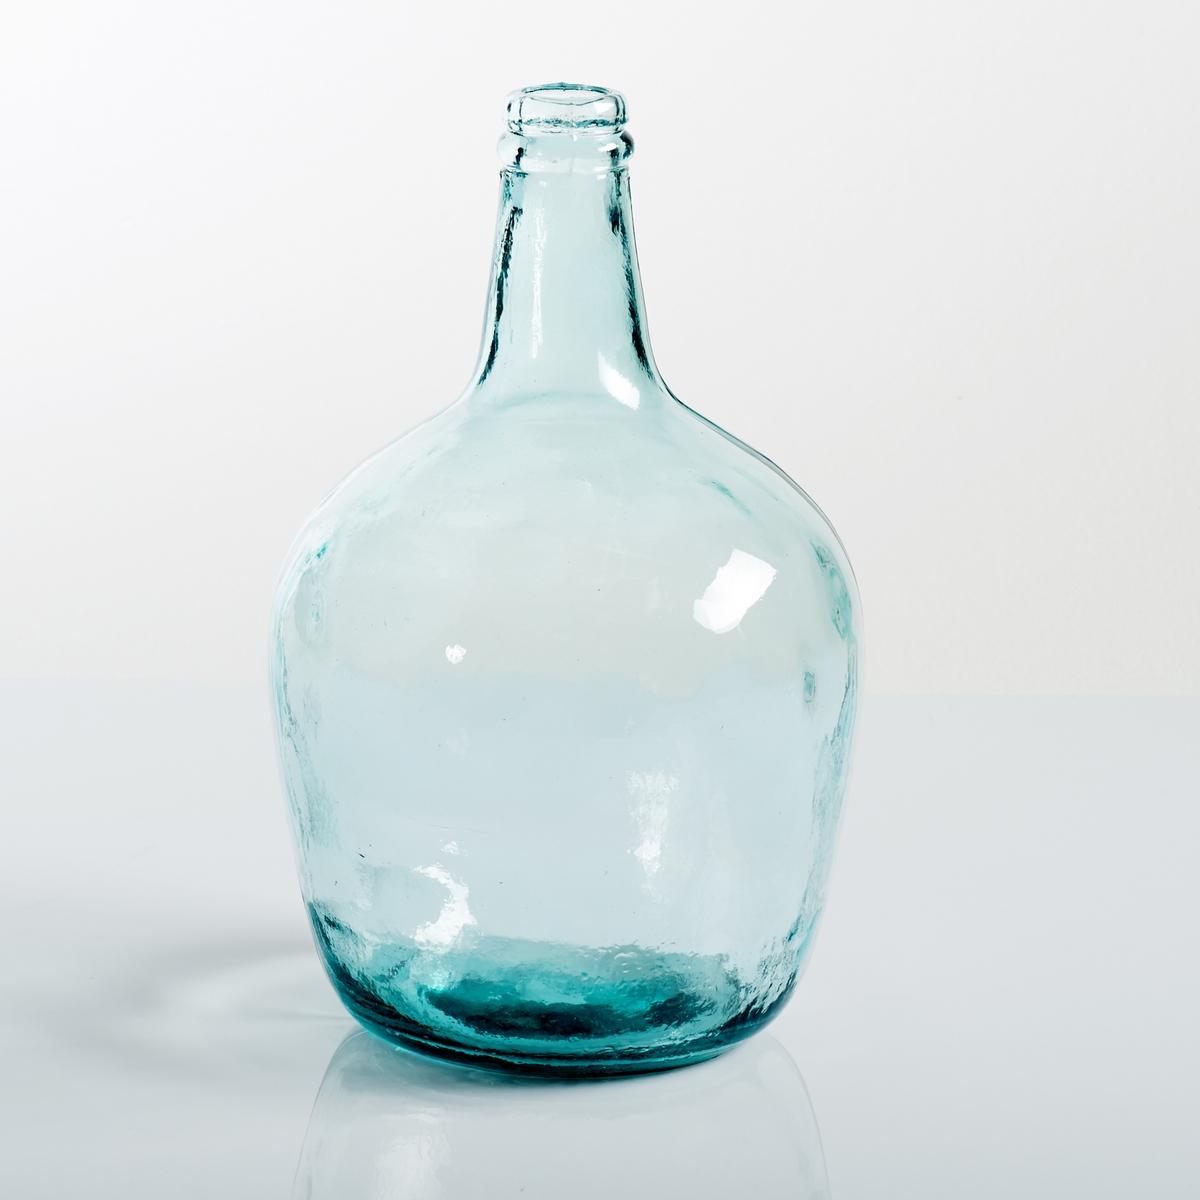 Вазы-бутыли стеклянные Izolia купить ваз 21213 в украине